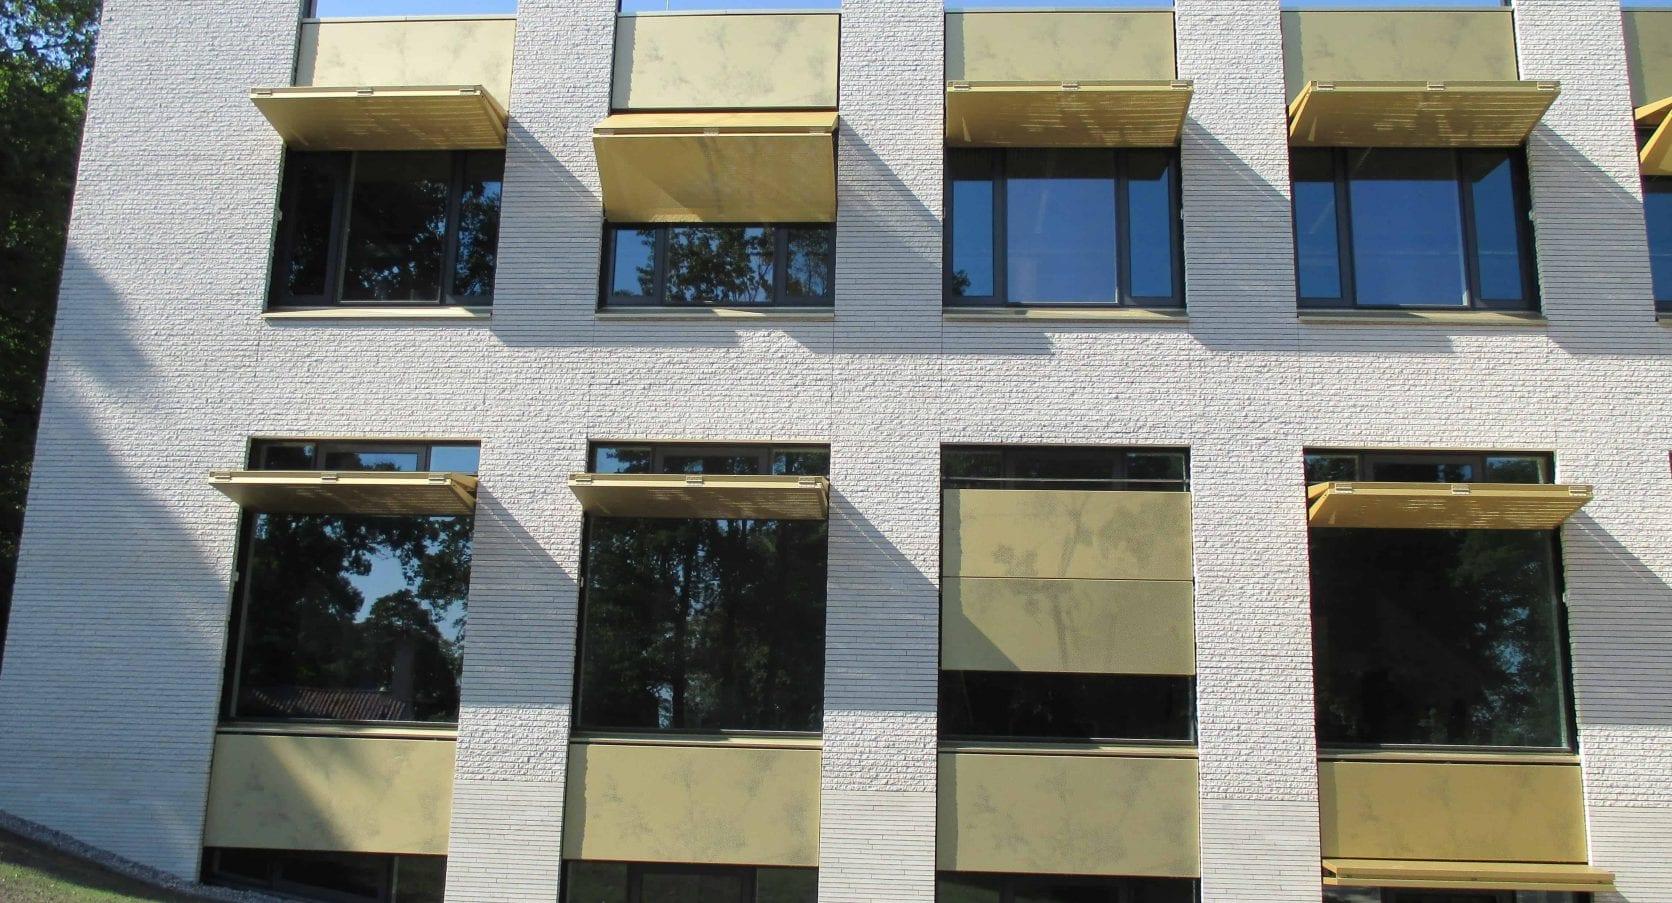 Zonwerende luiken van MD Designperformatie van het Gemeentehuis in Bloemendaal